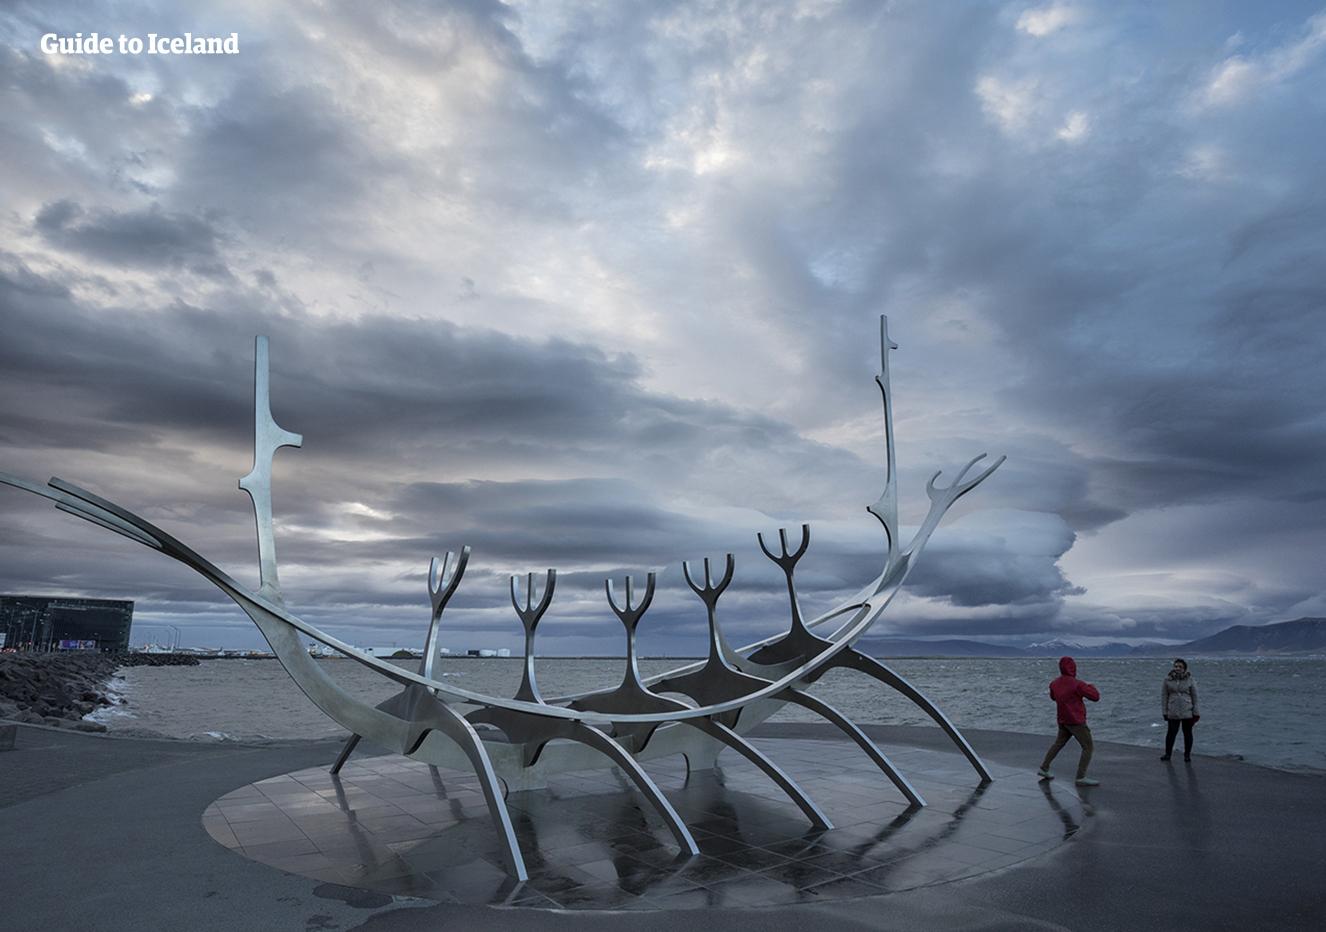 Bezpośredni transfer z lotniska w Keflaviku do Twojego hotelu w Reykjaviku